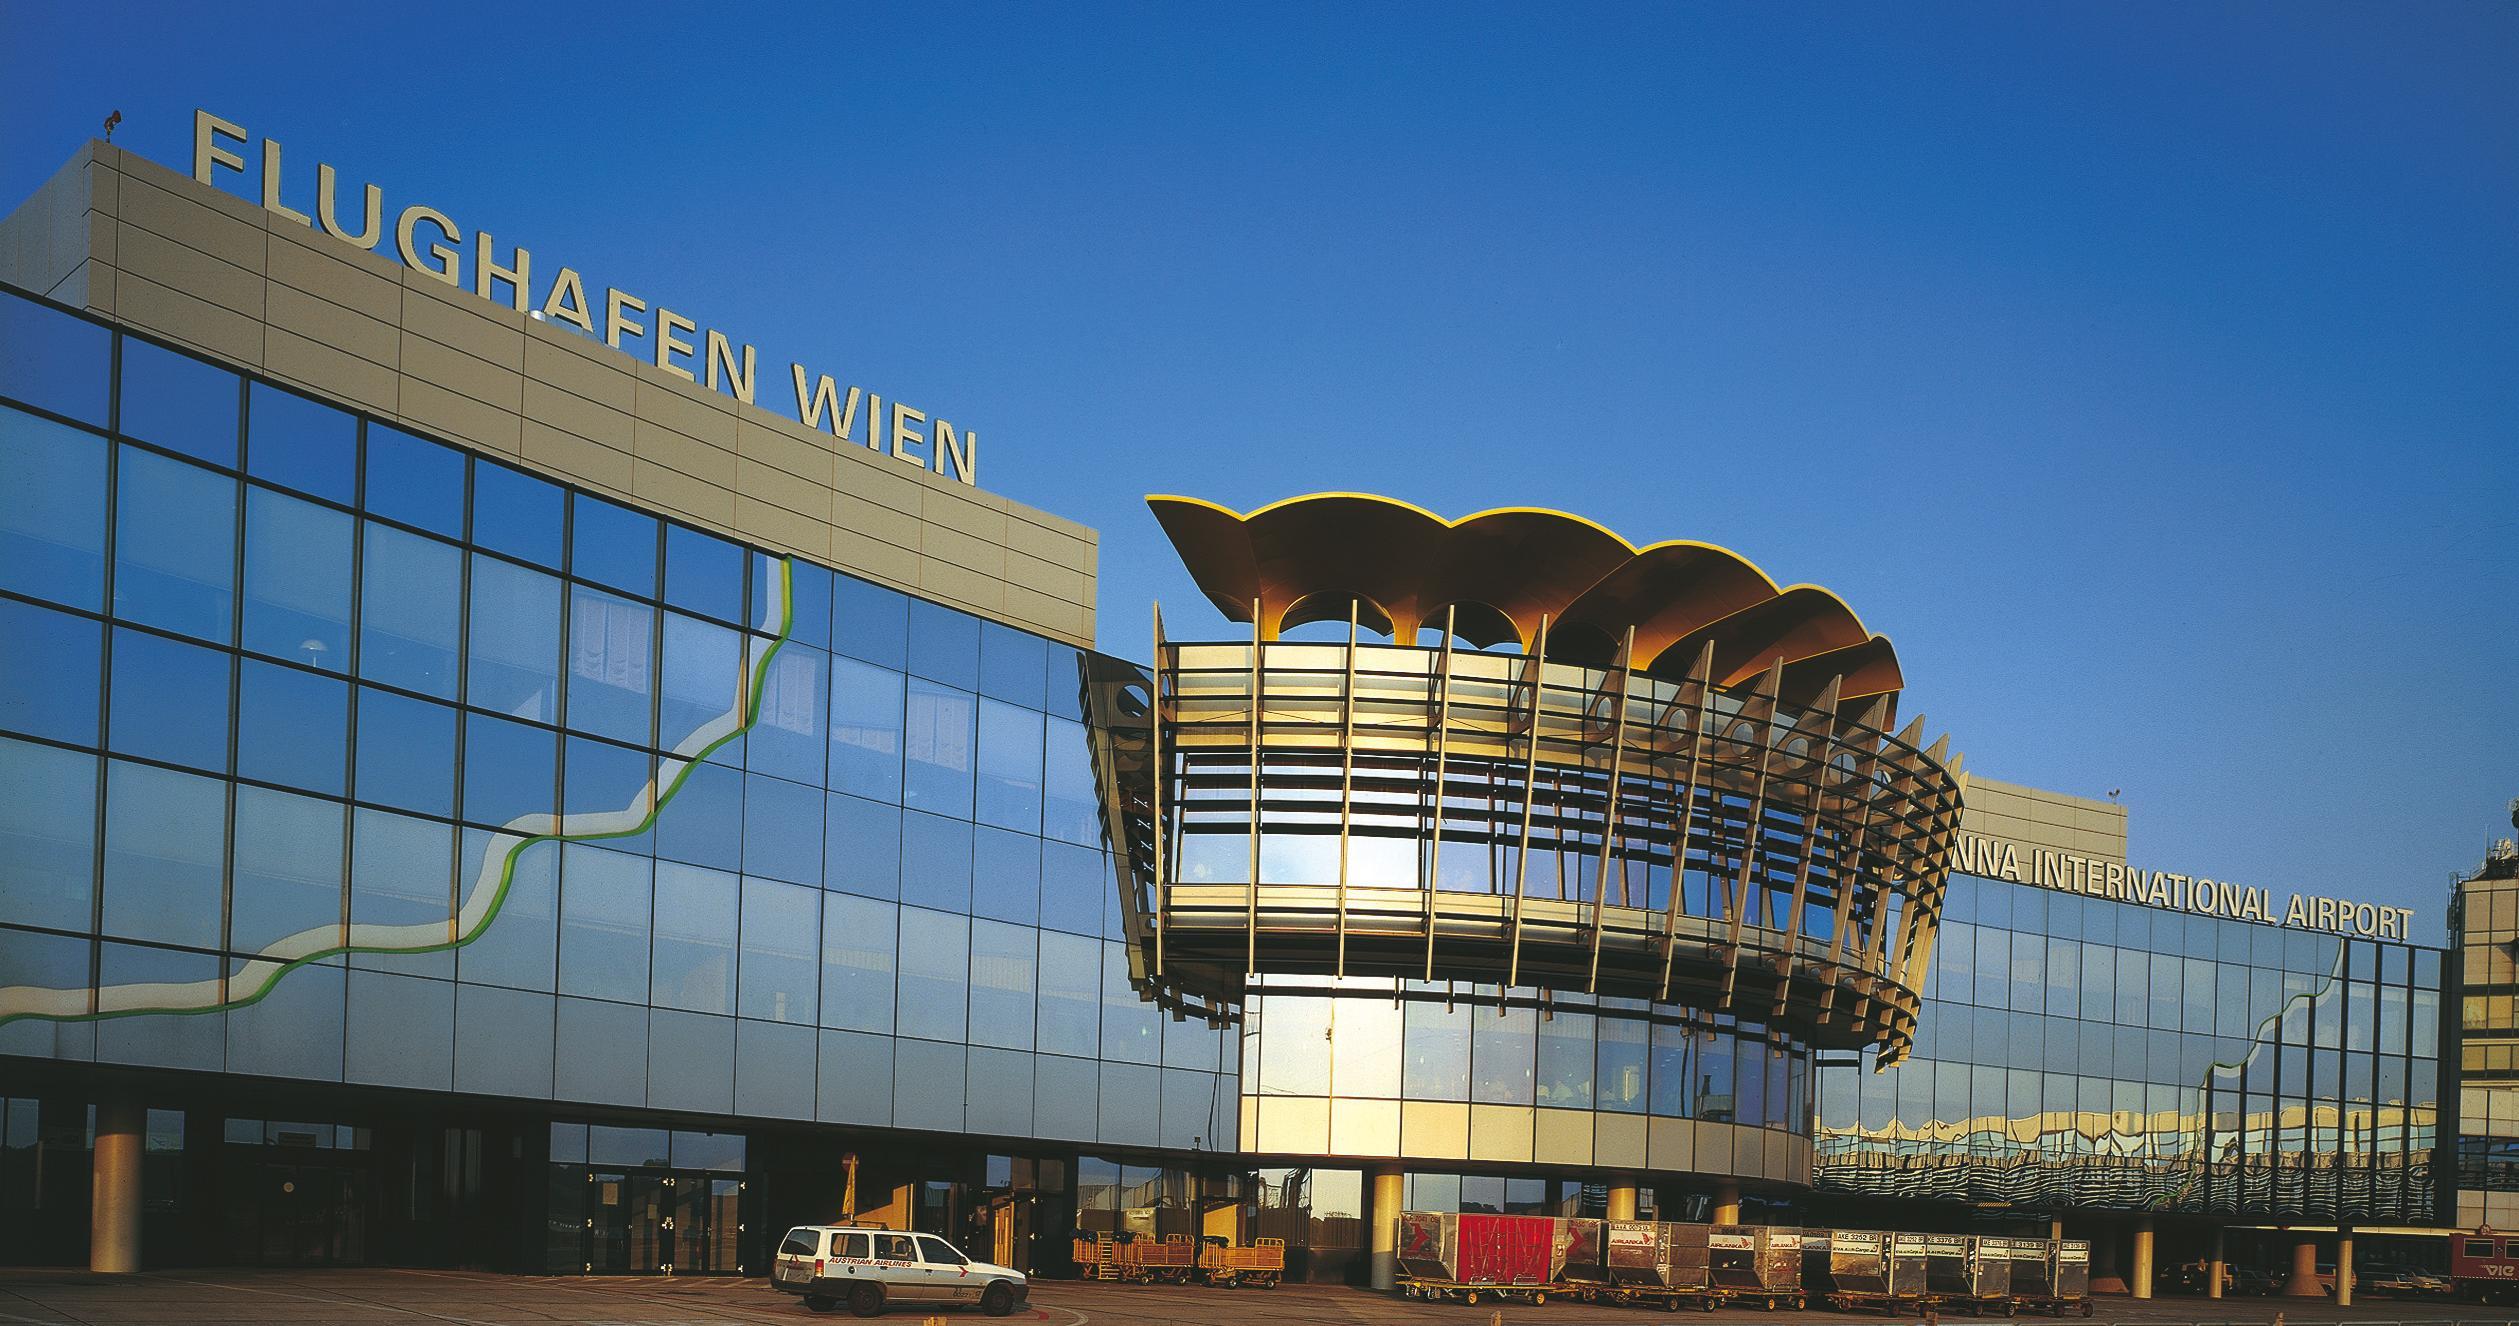 flughafen-wien-airport-service-19to1